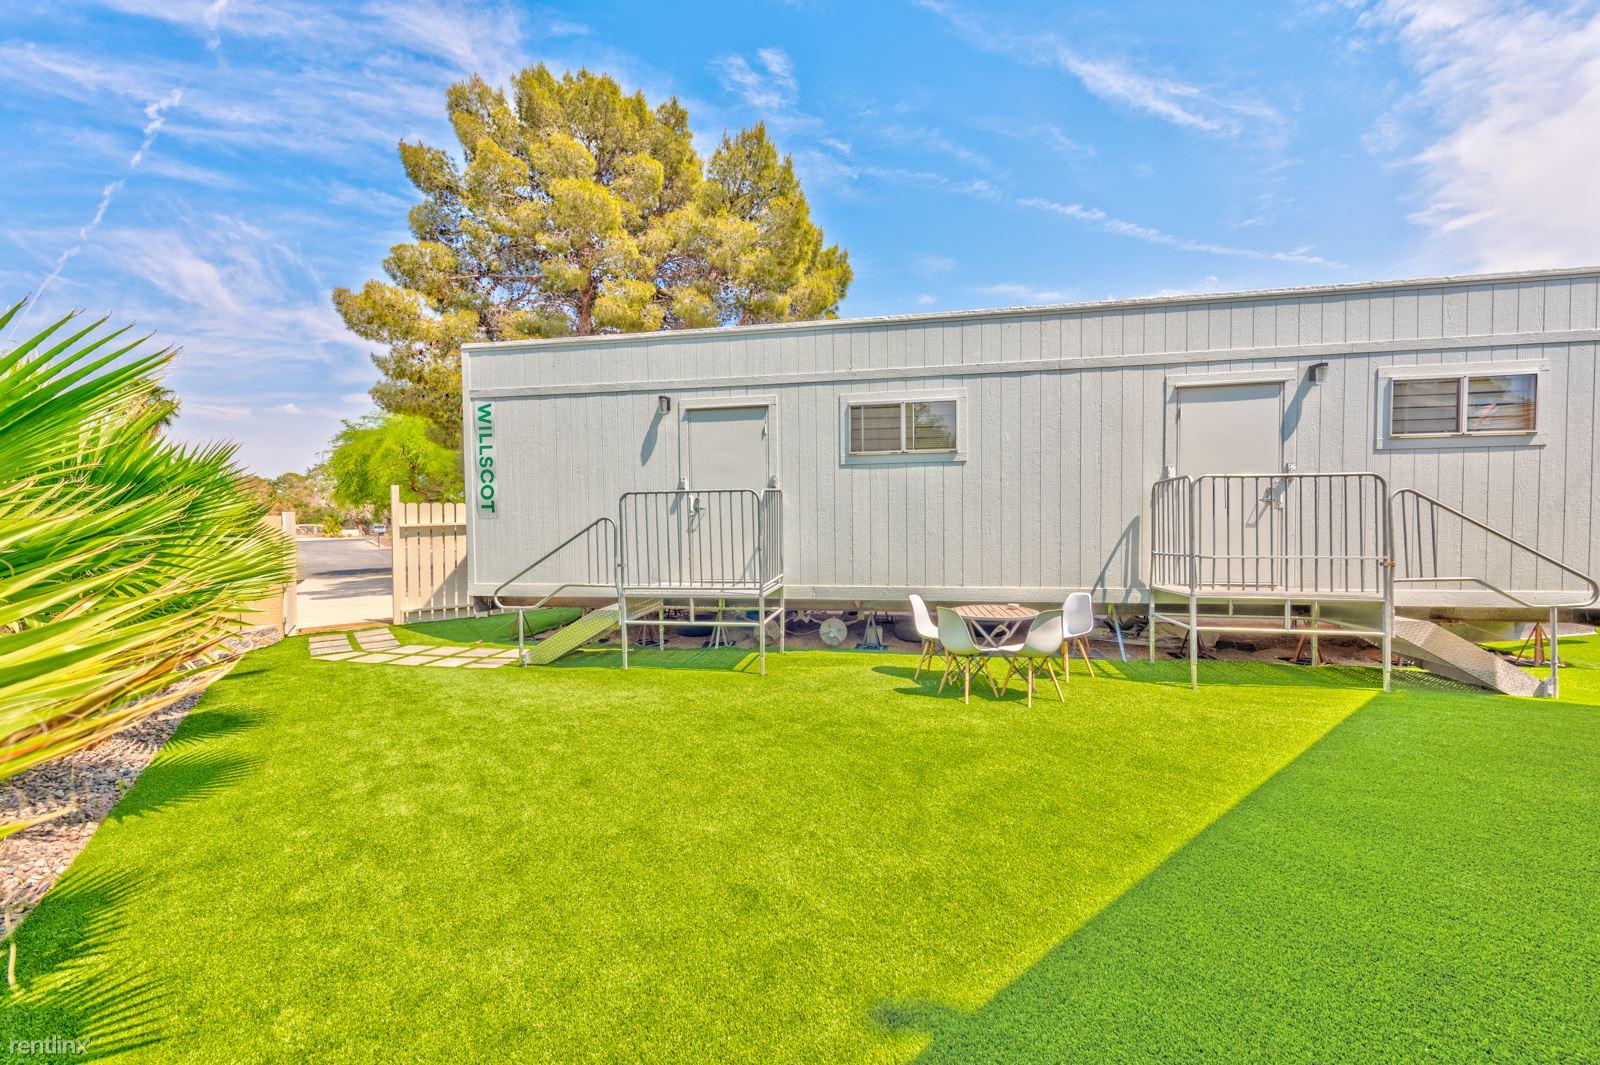 3255 El Camino Rd - 6000USD / month